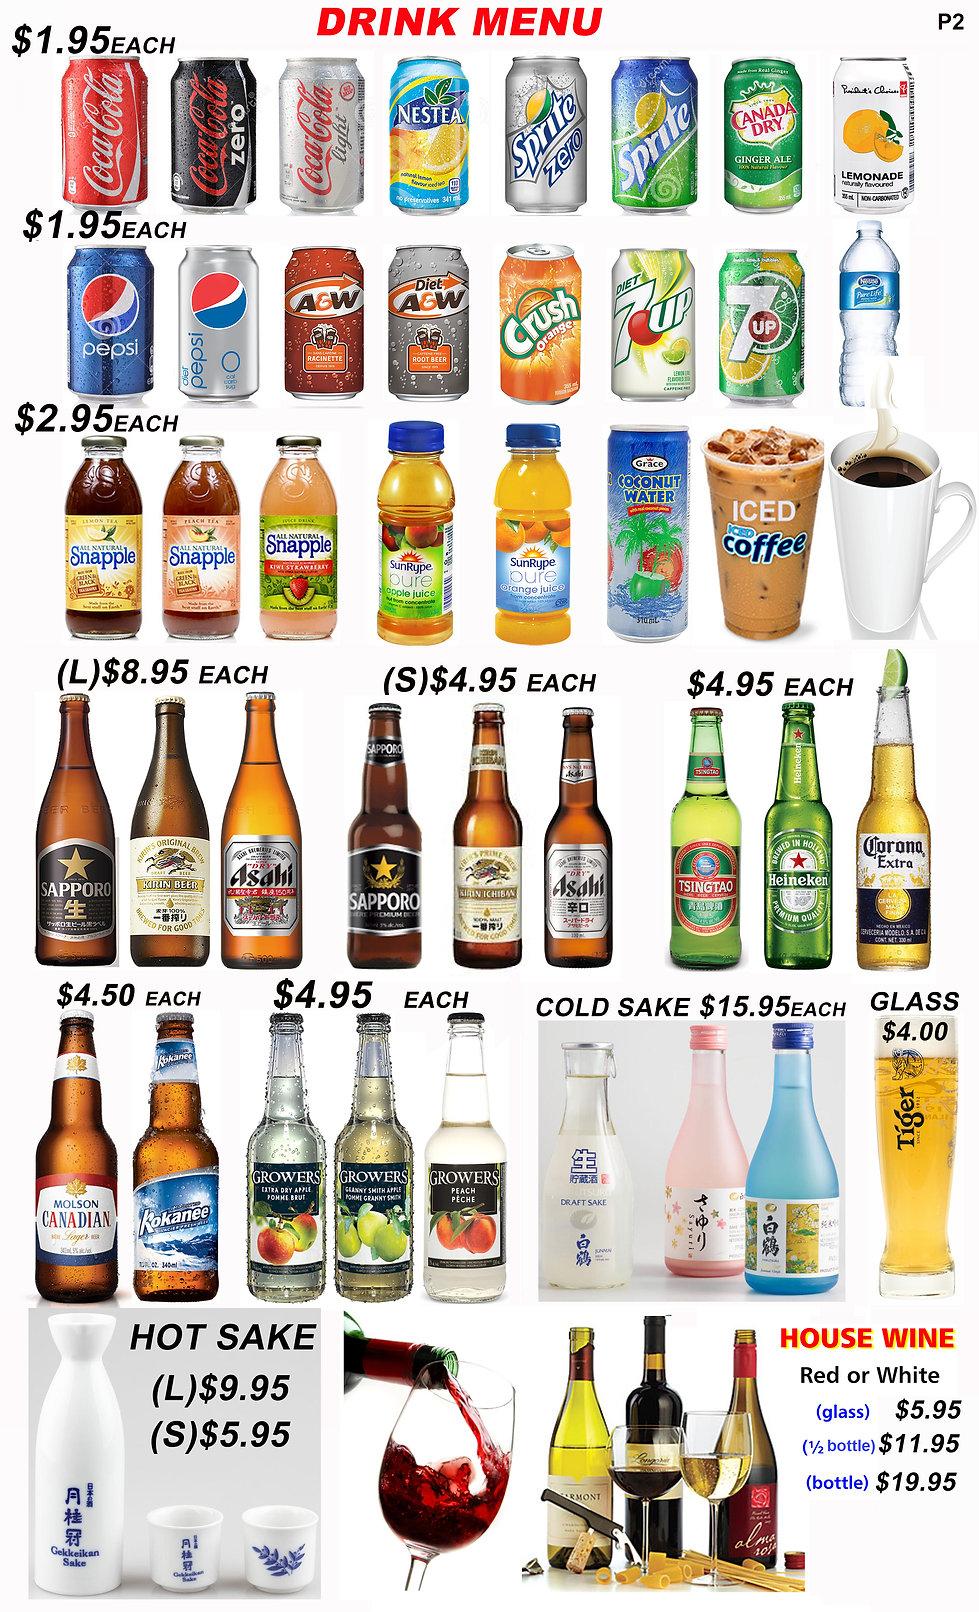 Drink Menu2.jpg